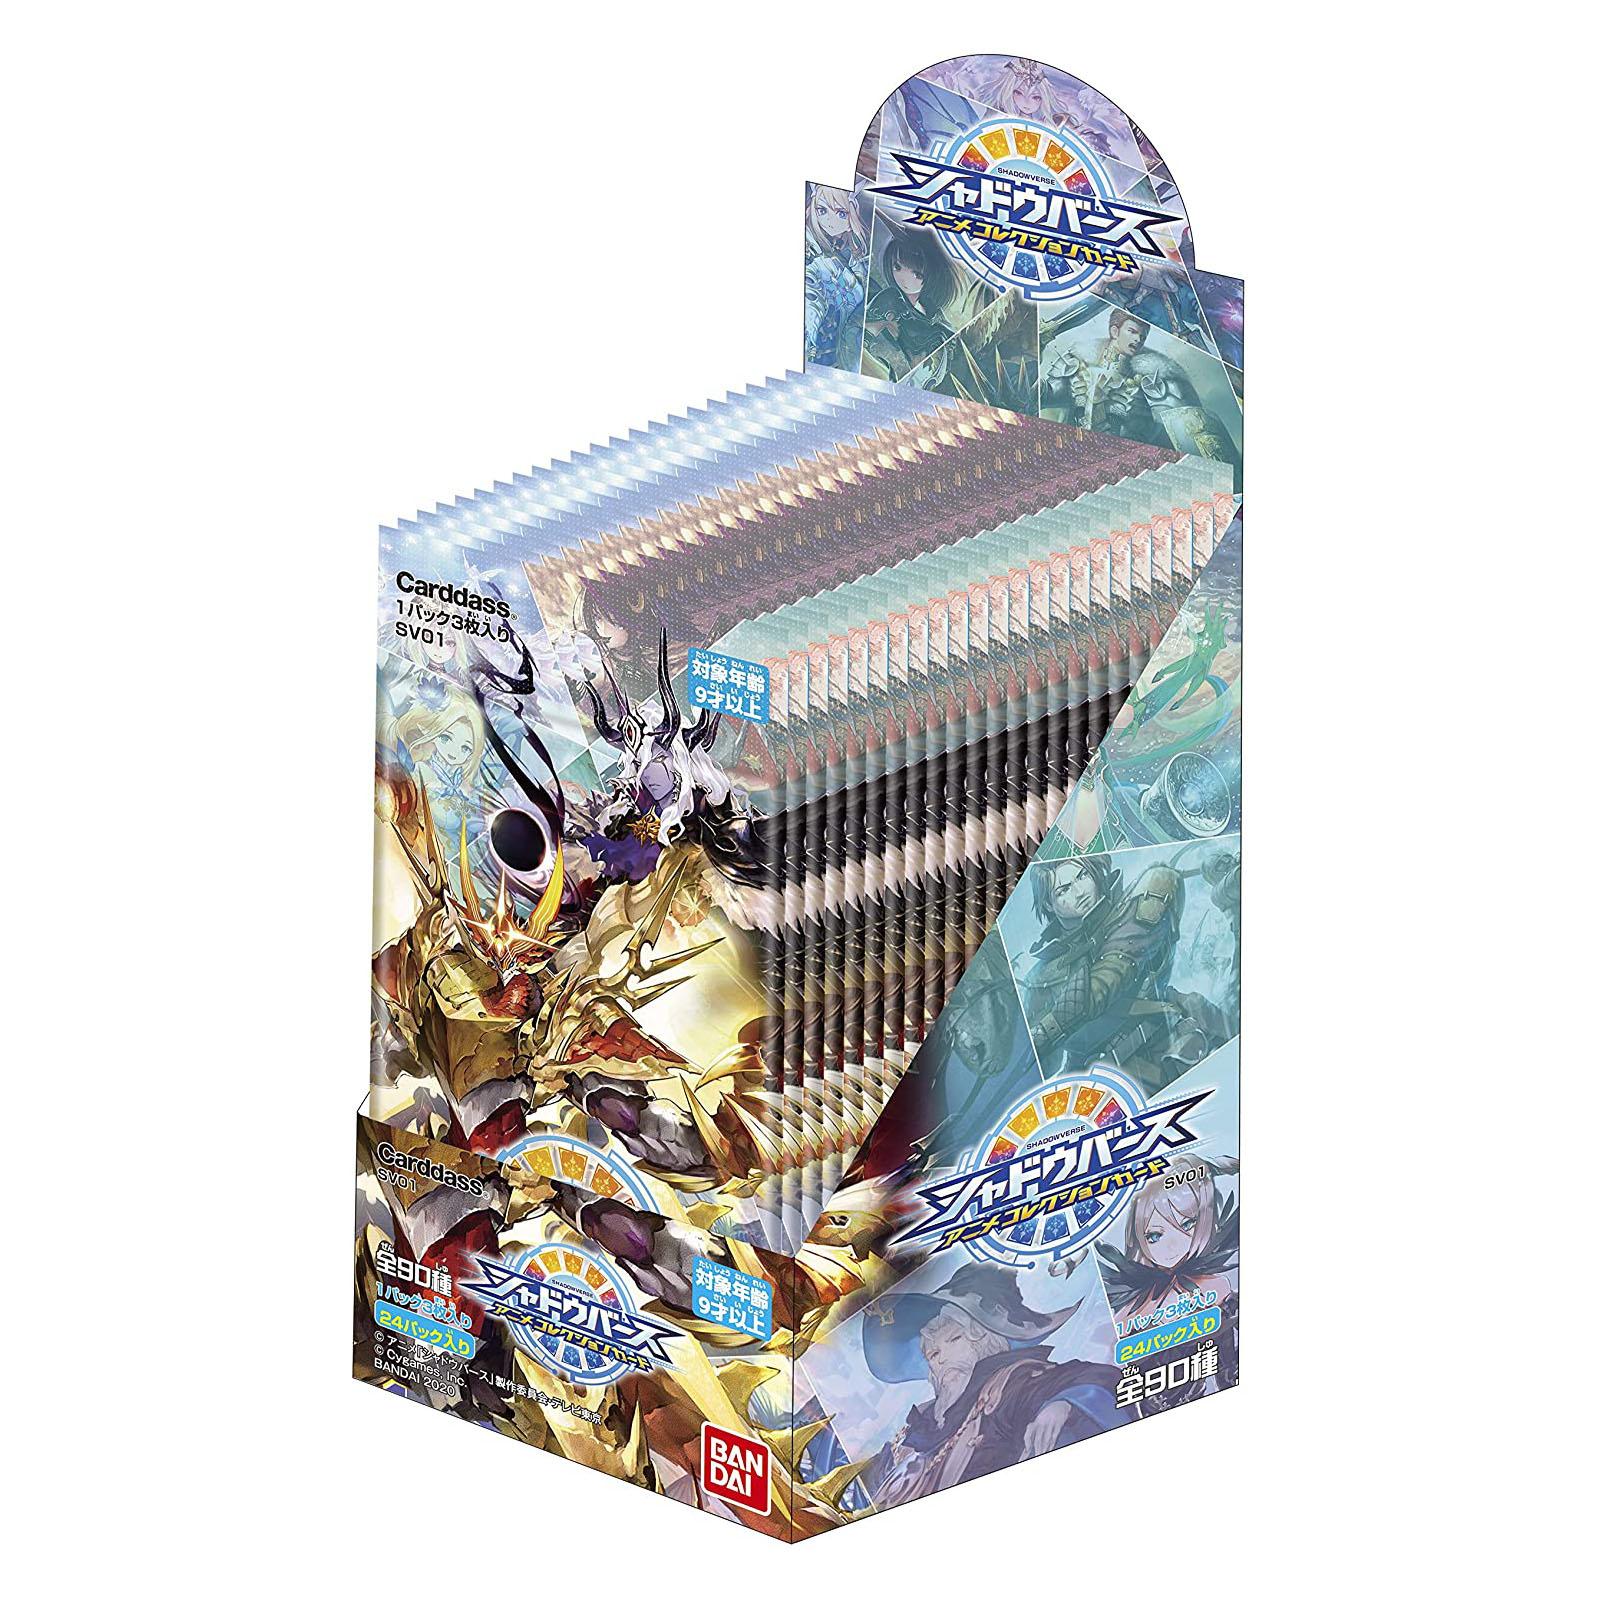 シャドバ『シャドウバース アニメコレクションカード』24パック入りBOX-001